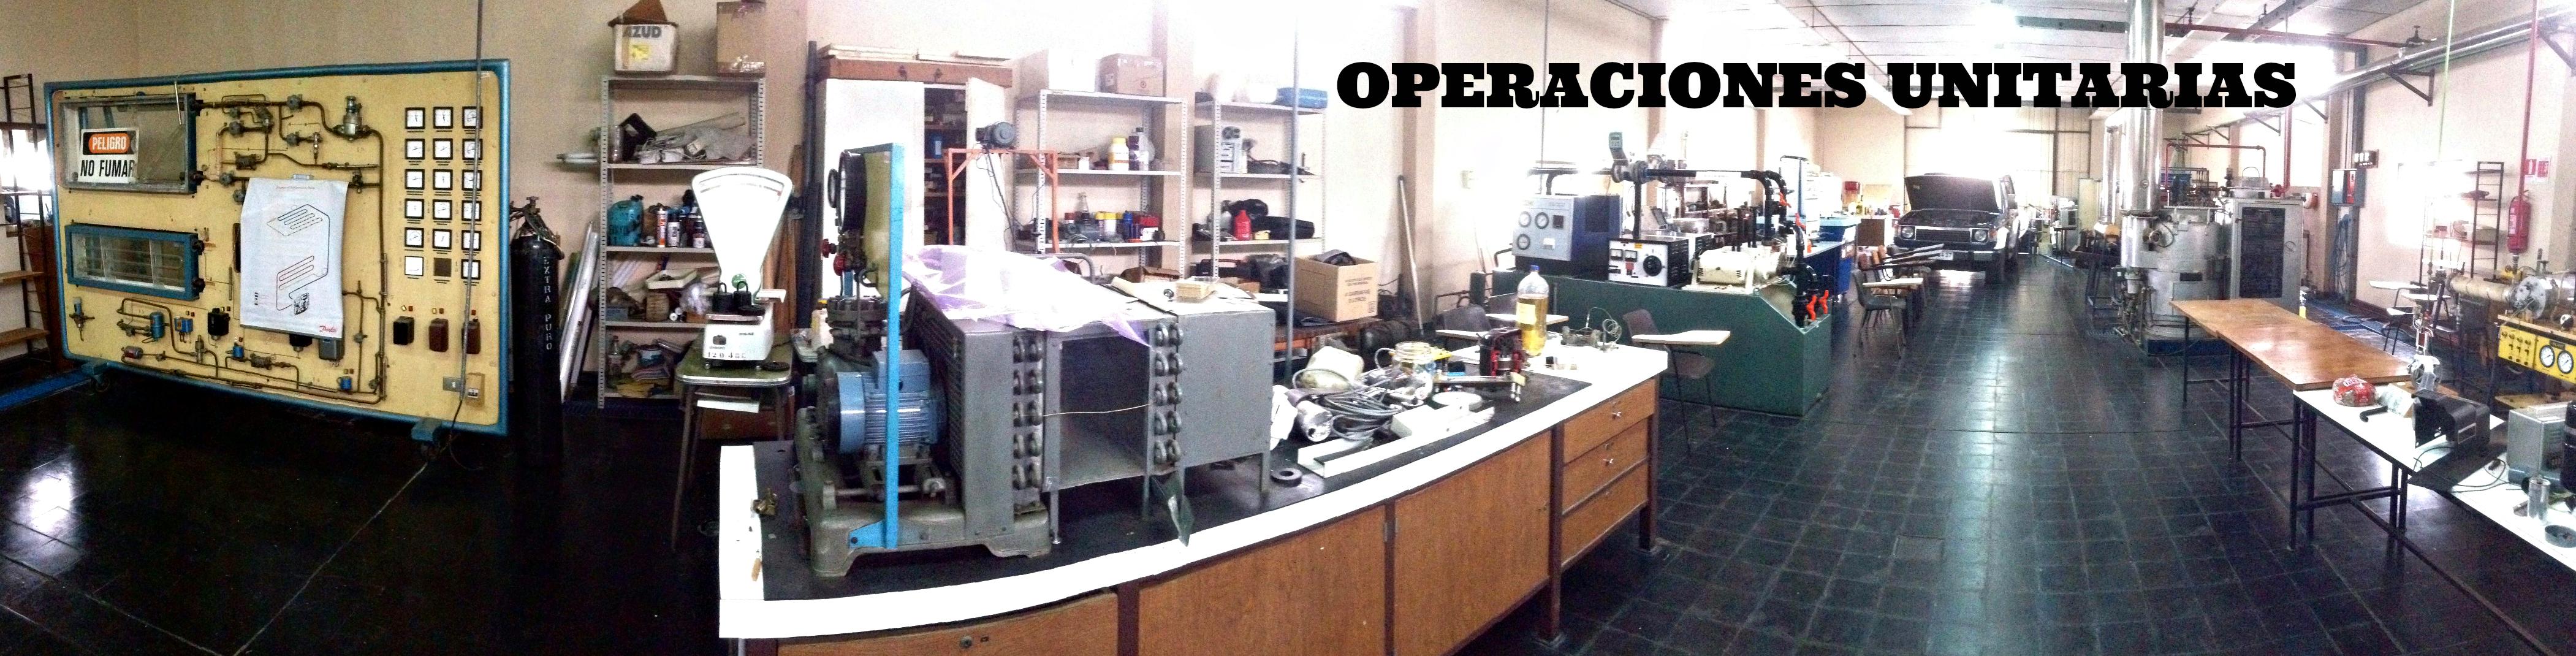 Laboratorio de Operaciones Unitarias